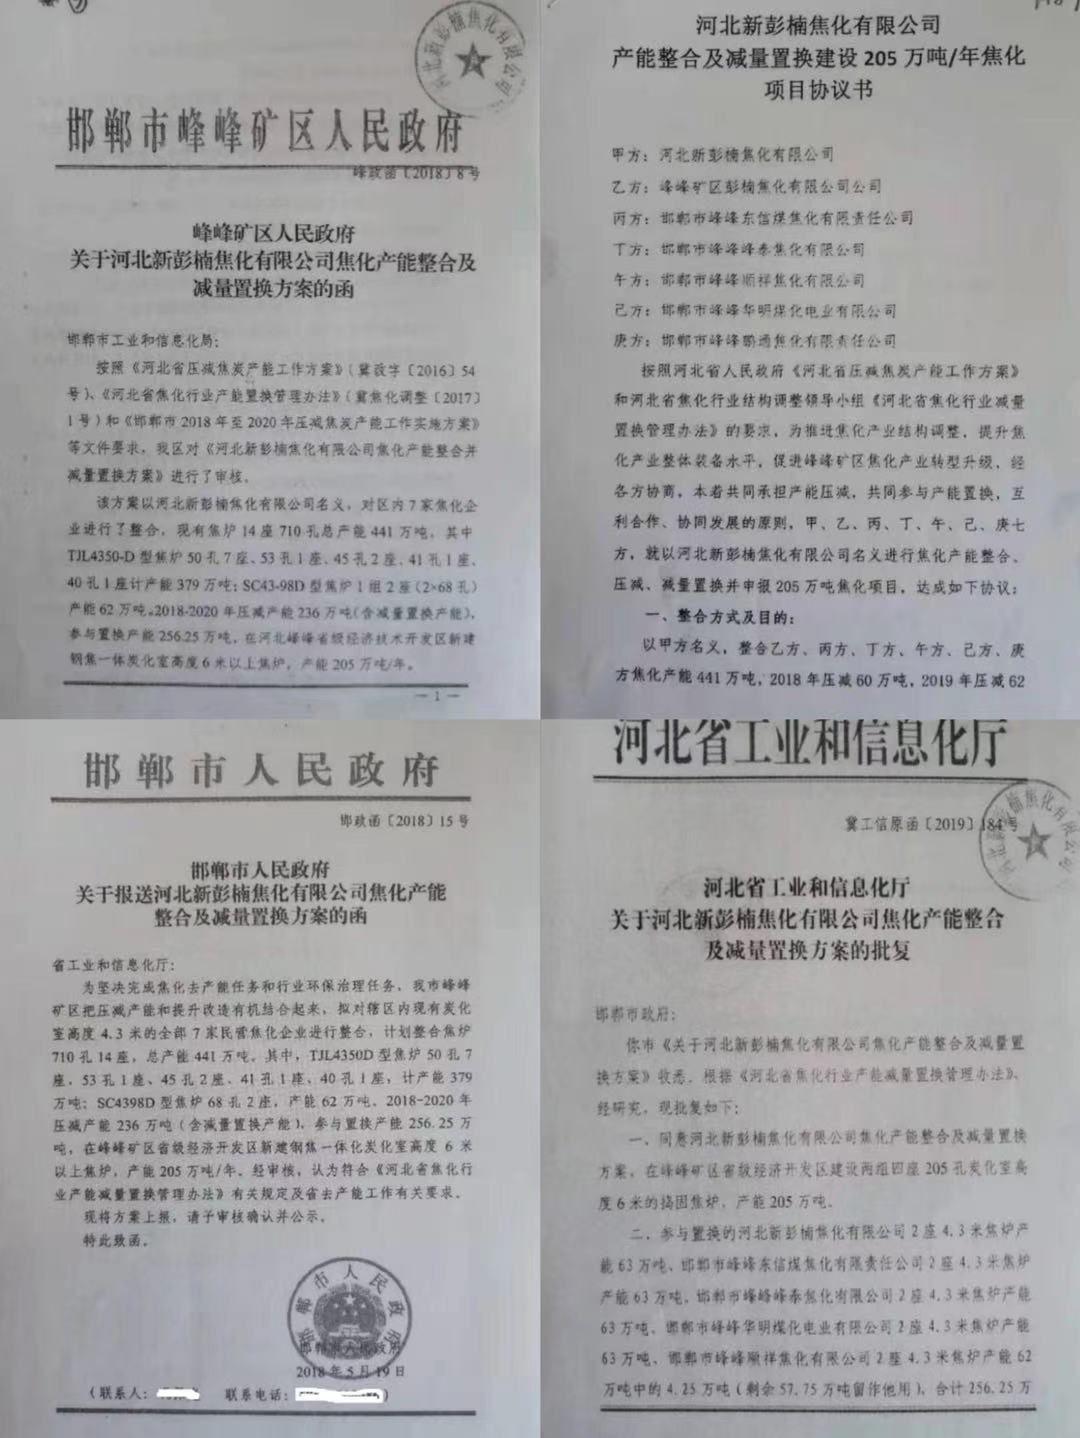 谁来保护企业的合法权益 —河北省邯郸市峰峰矿区政府违规插手企业资源整合